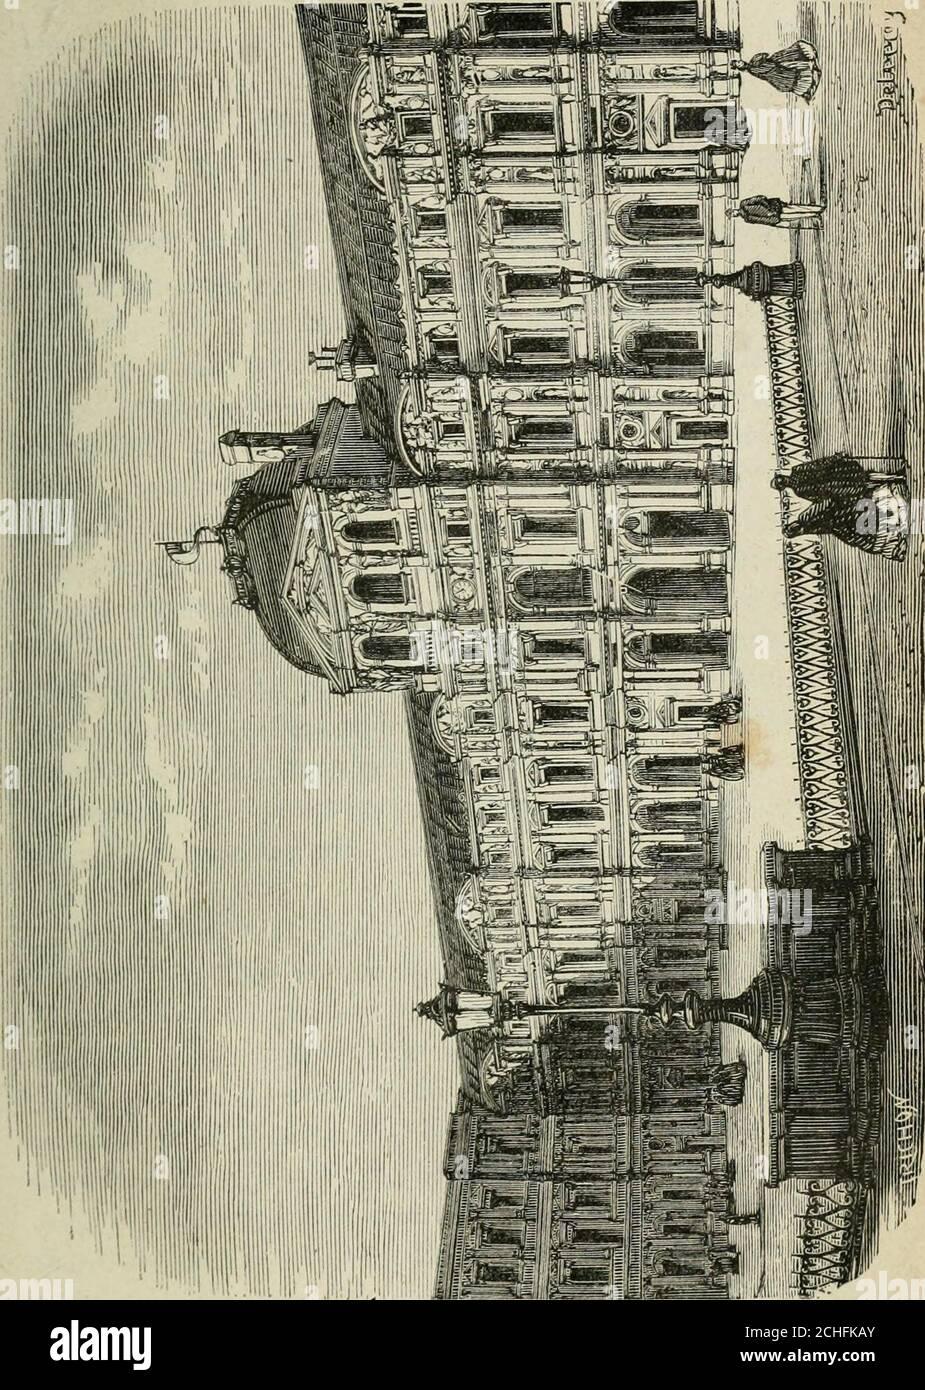 . Les merveilles du nouveau Paris-- . Sauvai, en prome-nant ses regards sur la ville, « on voit la Distribution etle cours de toutes les rues, comme les veines du corpshumain. » Nous parlerons ici de deux bois qui, quoique situés endehors de lenceinte fortifiée, font Partie intégrante de lavie parisienne. CEST davord le bois de Boulogne, lorgueil et le lieu deprédilection de tout véritable Parisien. Il sétend à louest deParis, de la porte Maillot au Bord de la seine. CE bois, dé-bris de la forêt de Rouvray, fut négligé jusque sous le pre-mier Empire : Napoléon Ier y fit tracer quelques Routen, Stockfoto